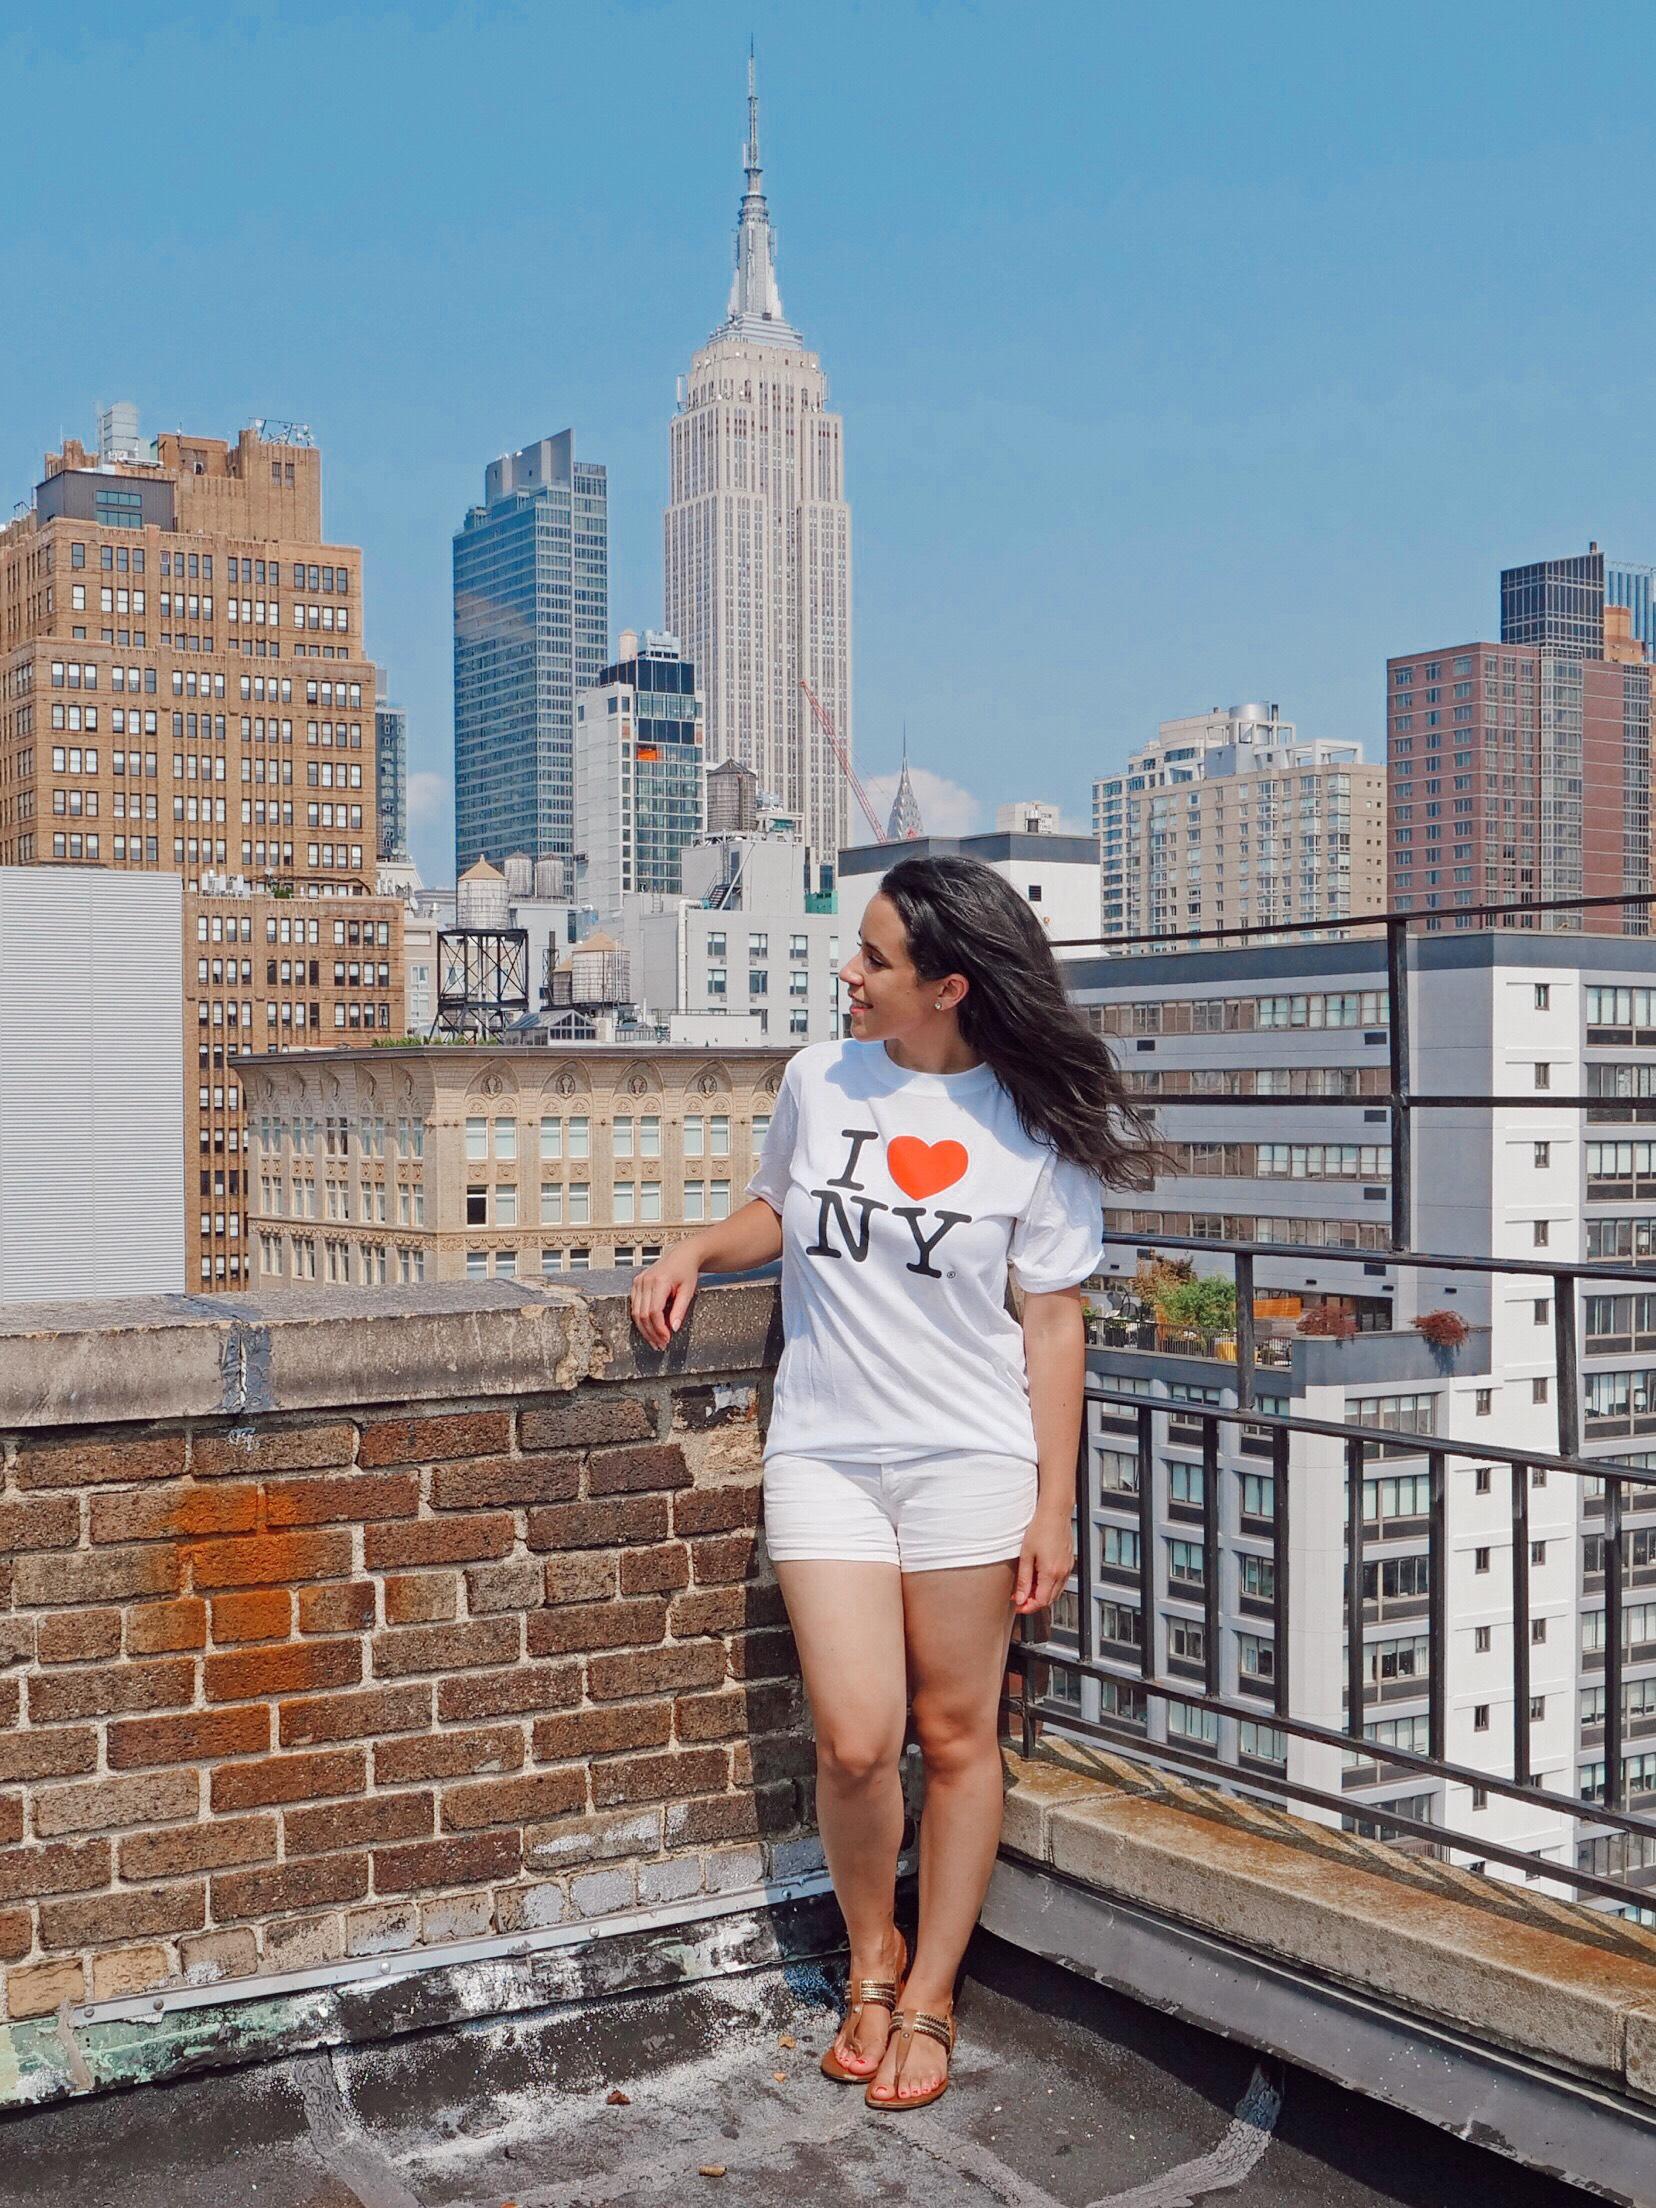 17 NYC Myths I Love NY t-shirt